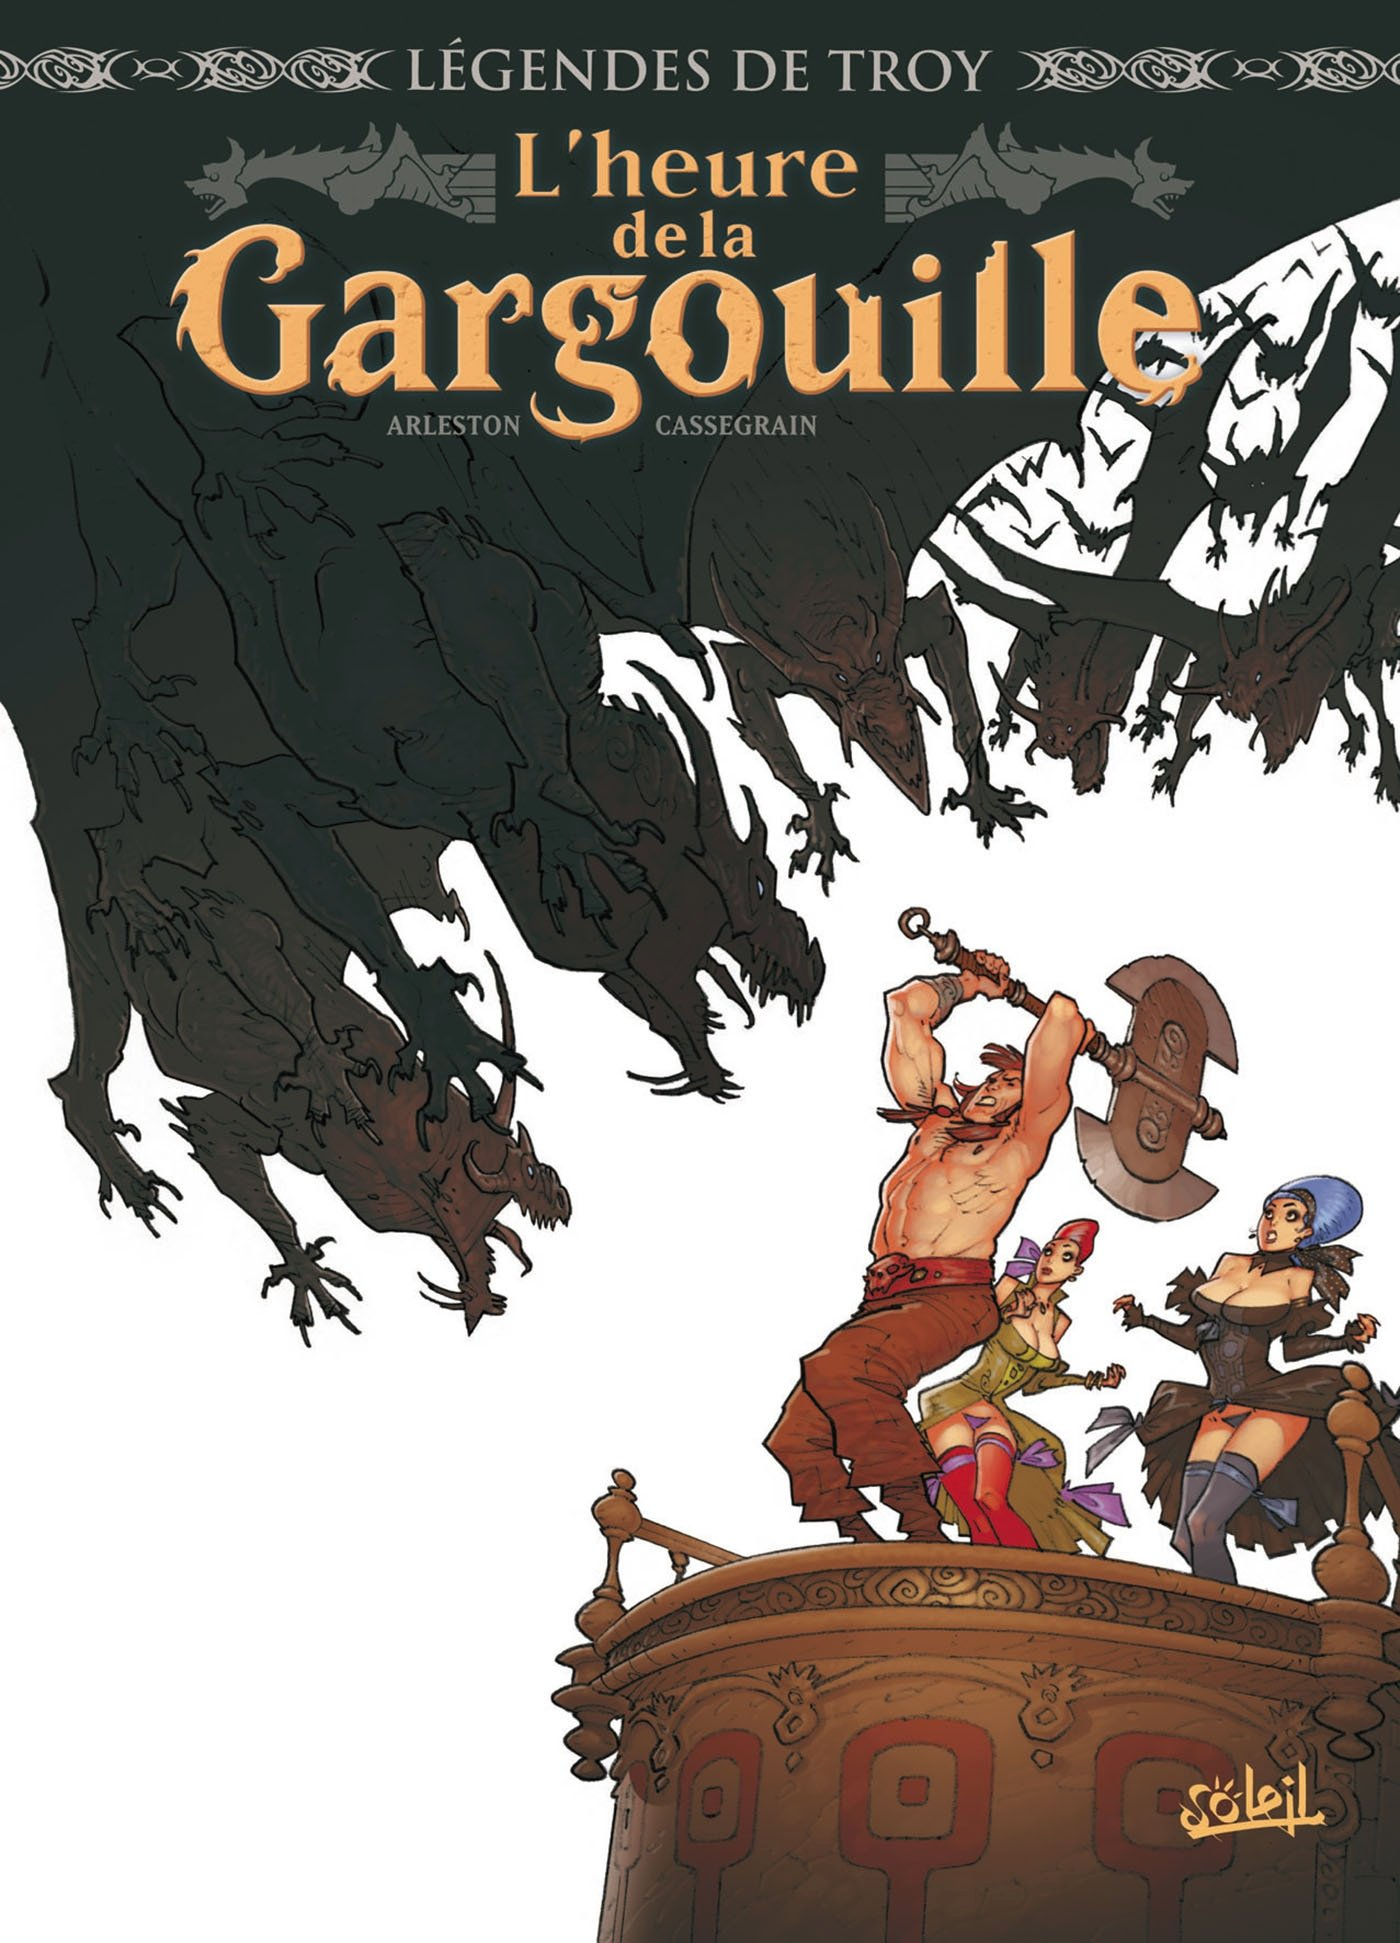 Heure de la Garguille